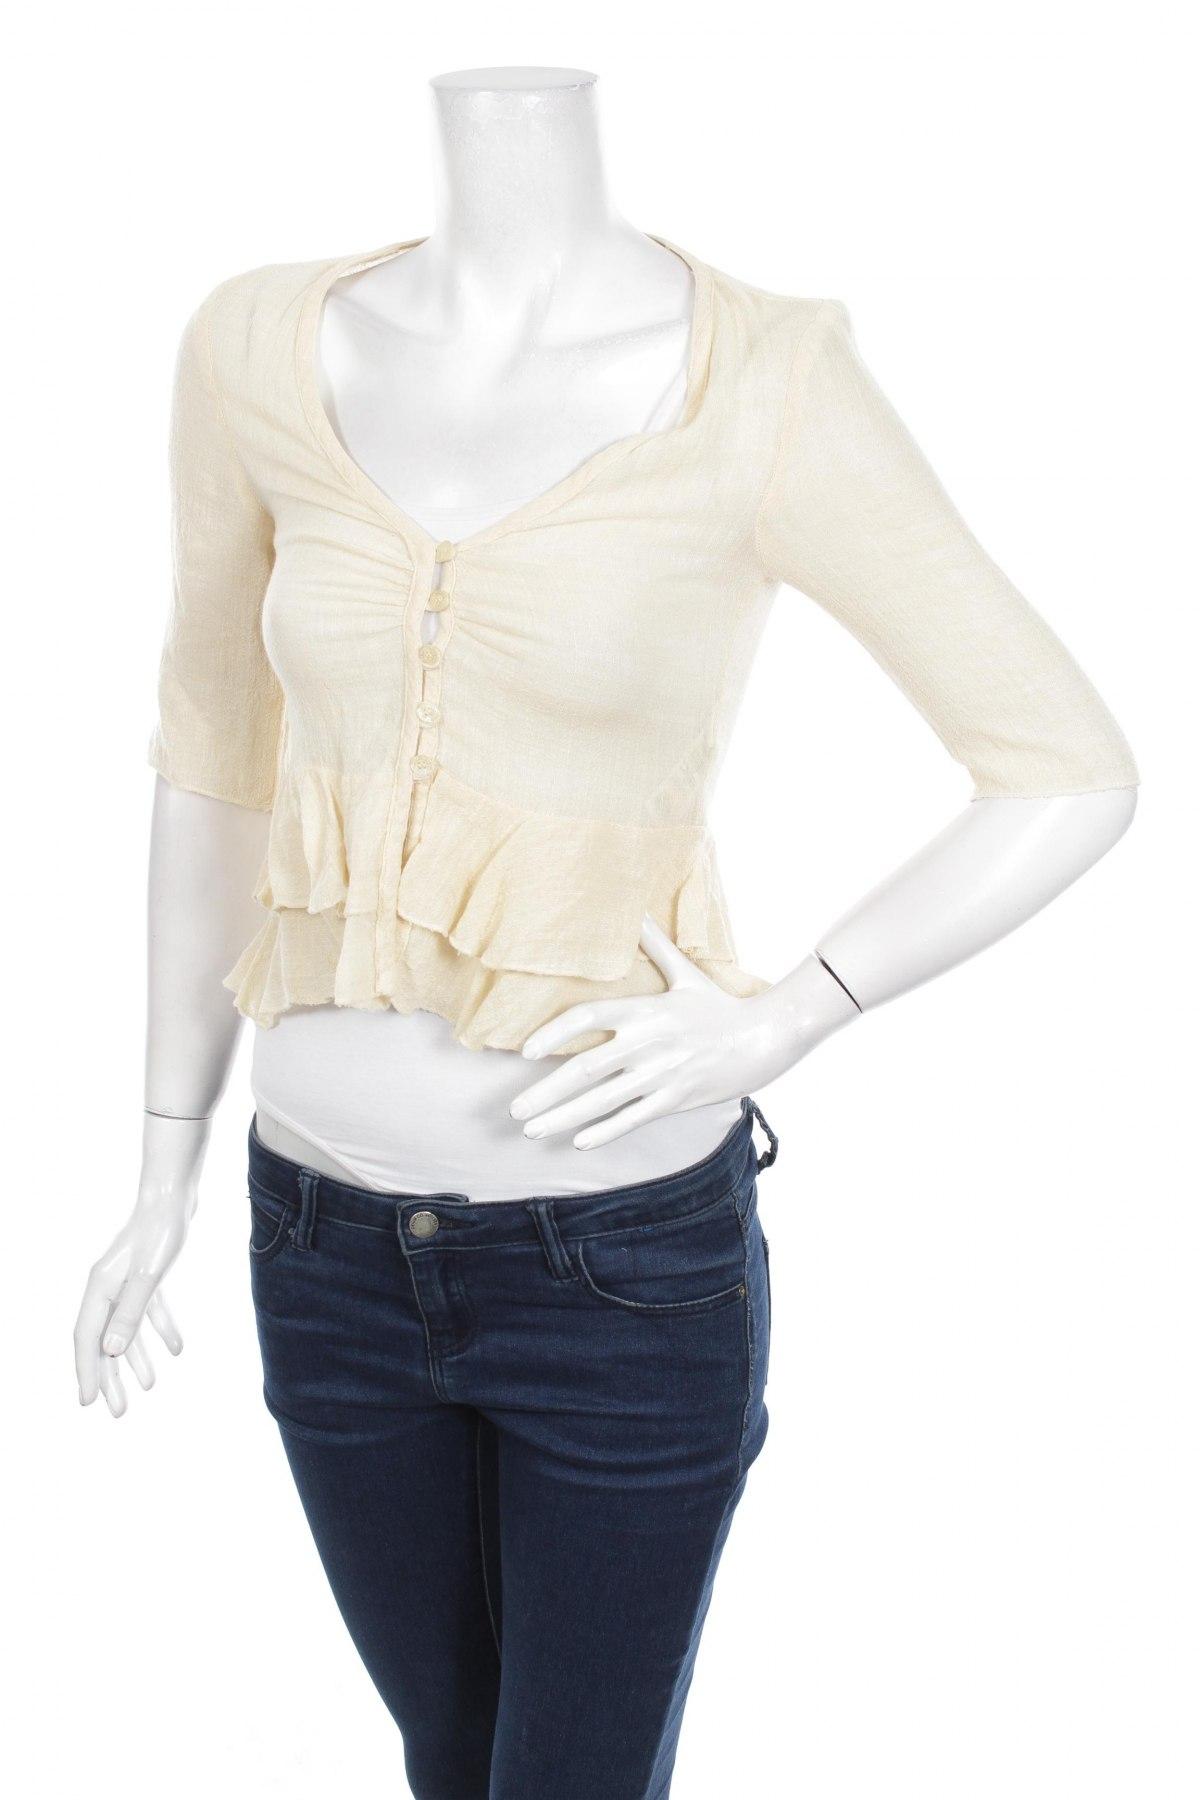 Γυναικείο πουκάμισο Zara, Μέγεθος M, Χρώμα  Μπέζ, 56% βισκόζη, 38% λινό, 6% πολυαμίδη, Τιμή 13,40€